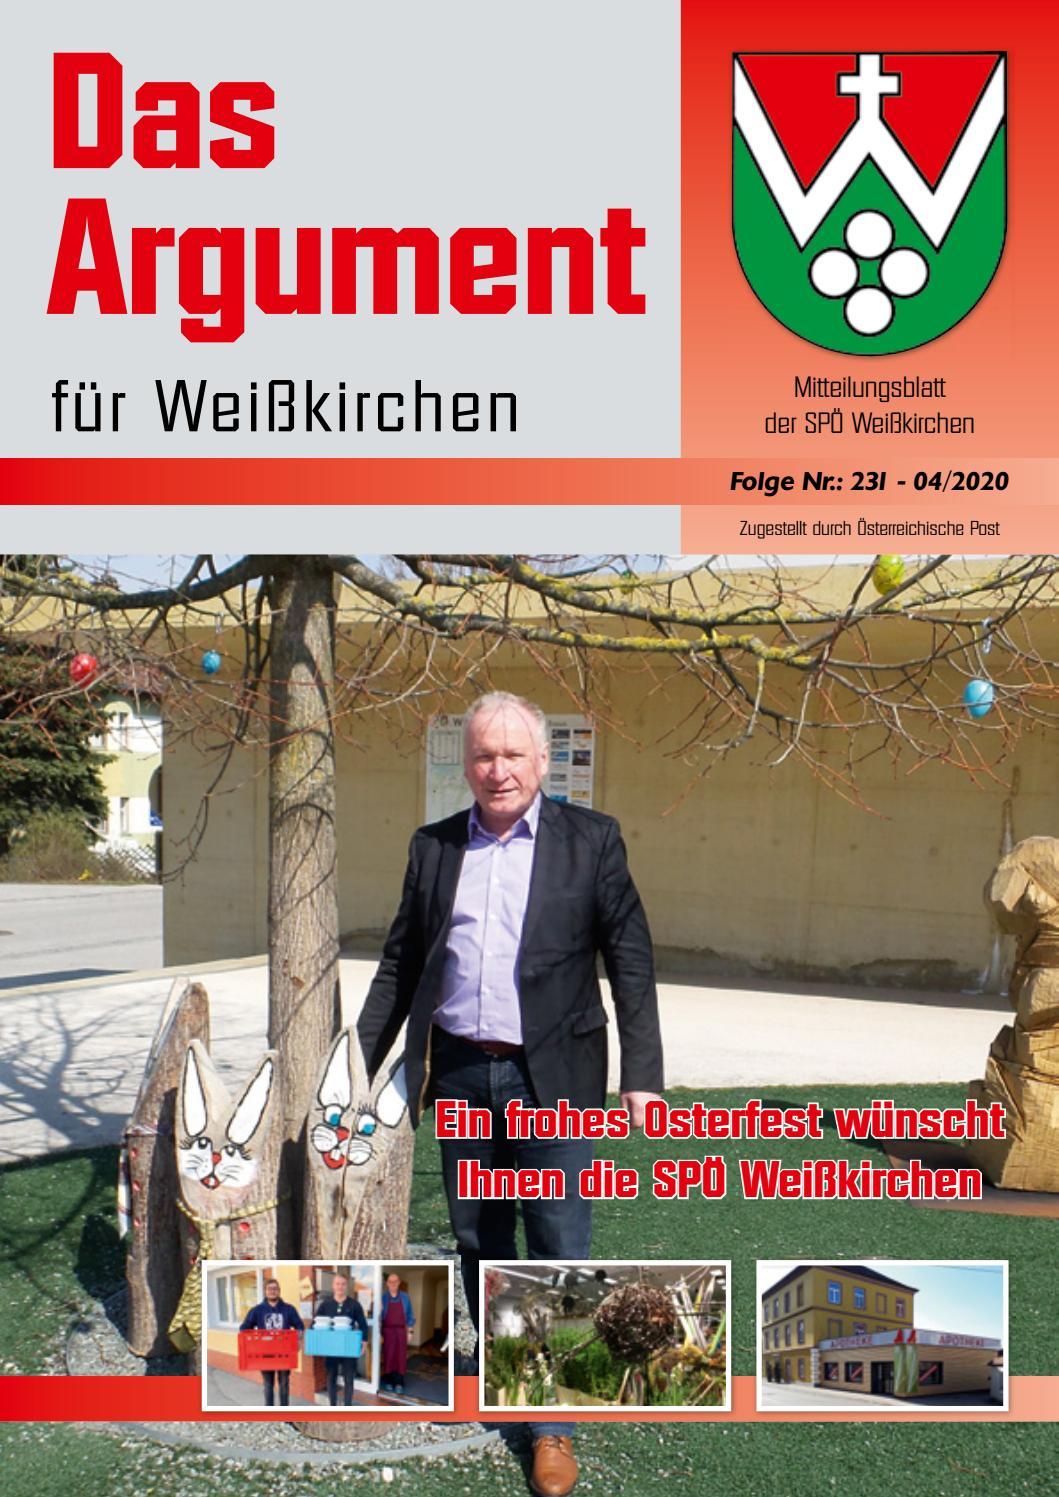 Weikirchen an der traun frau treffen: Asperhofen singles